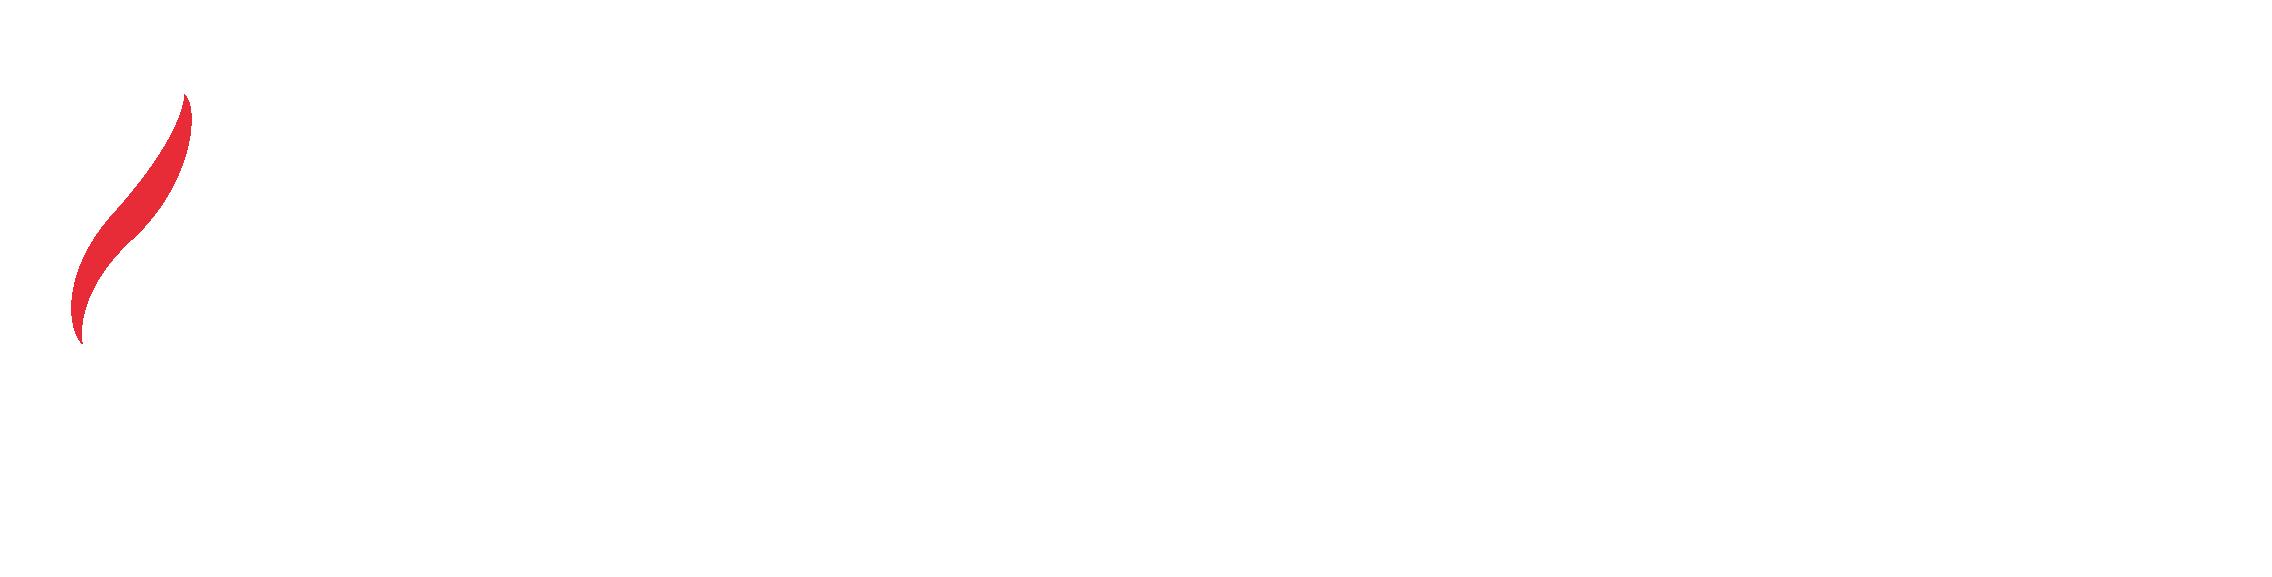 CCIS_logo-blc_Horizontal